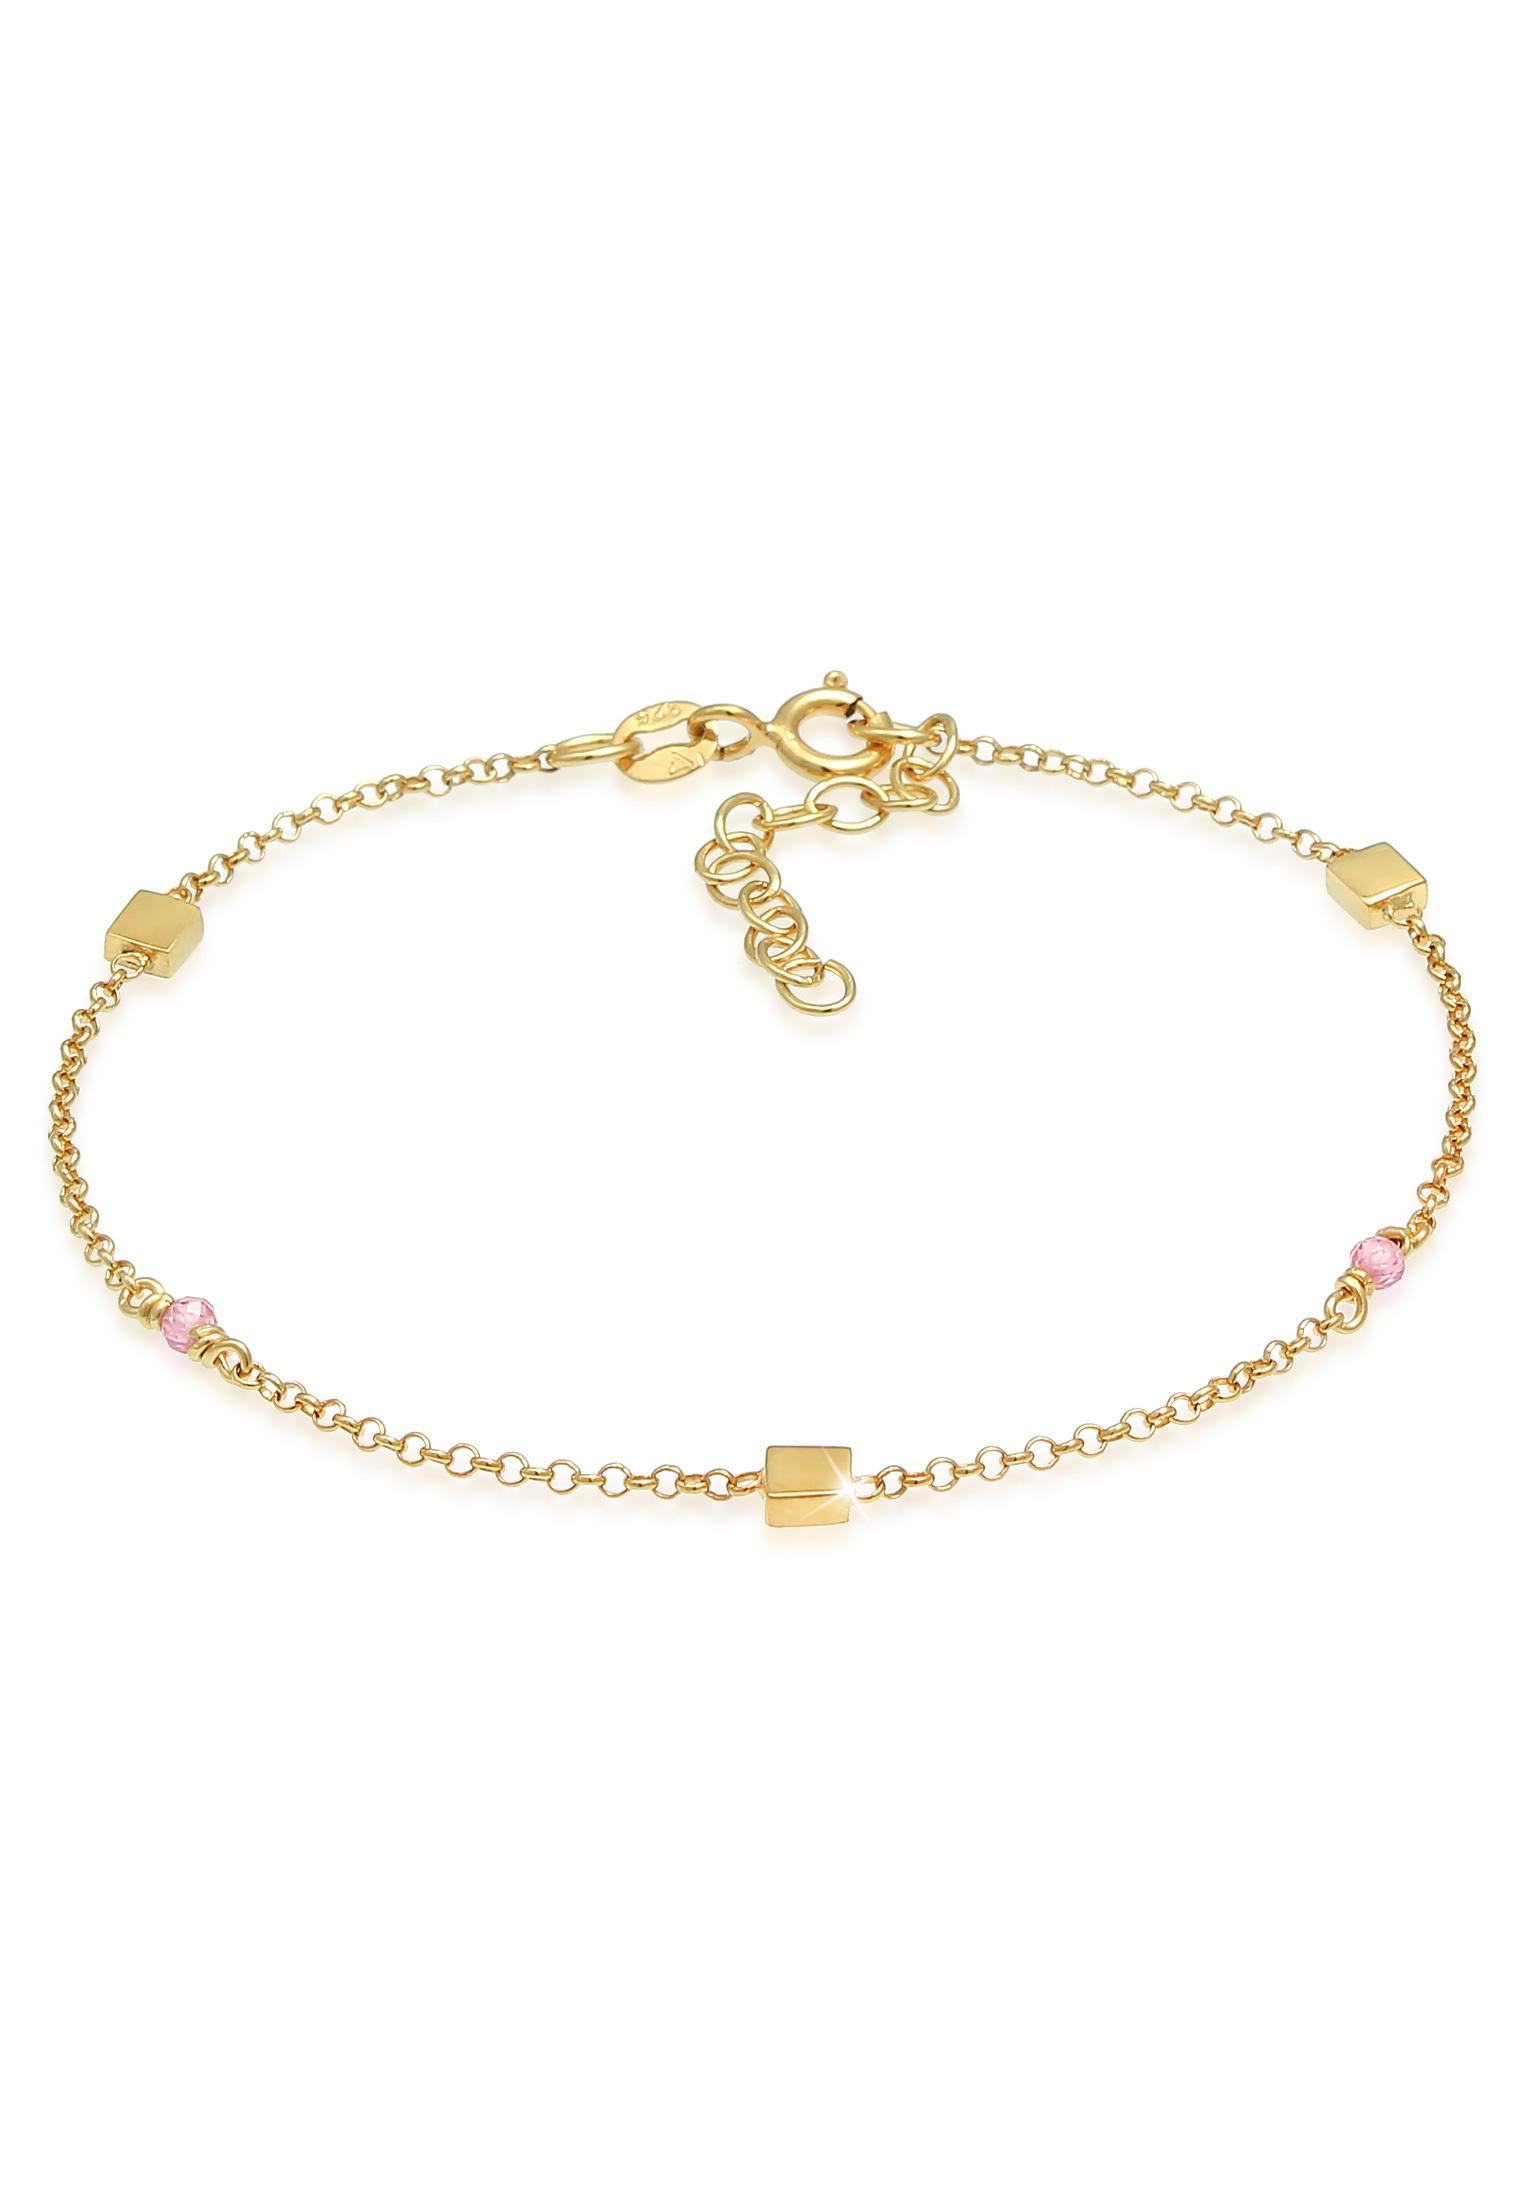 Armband | Quarz ( Rosa ) | 925 Sterling Silber vergoldet